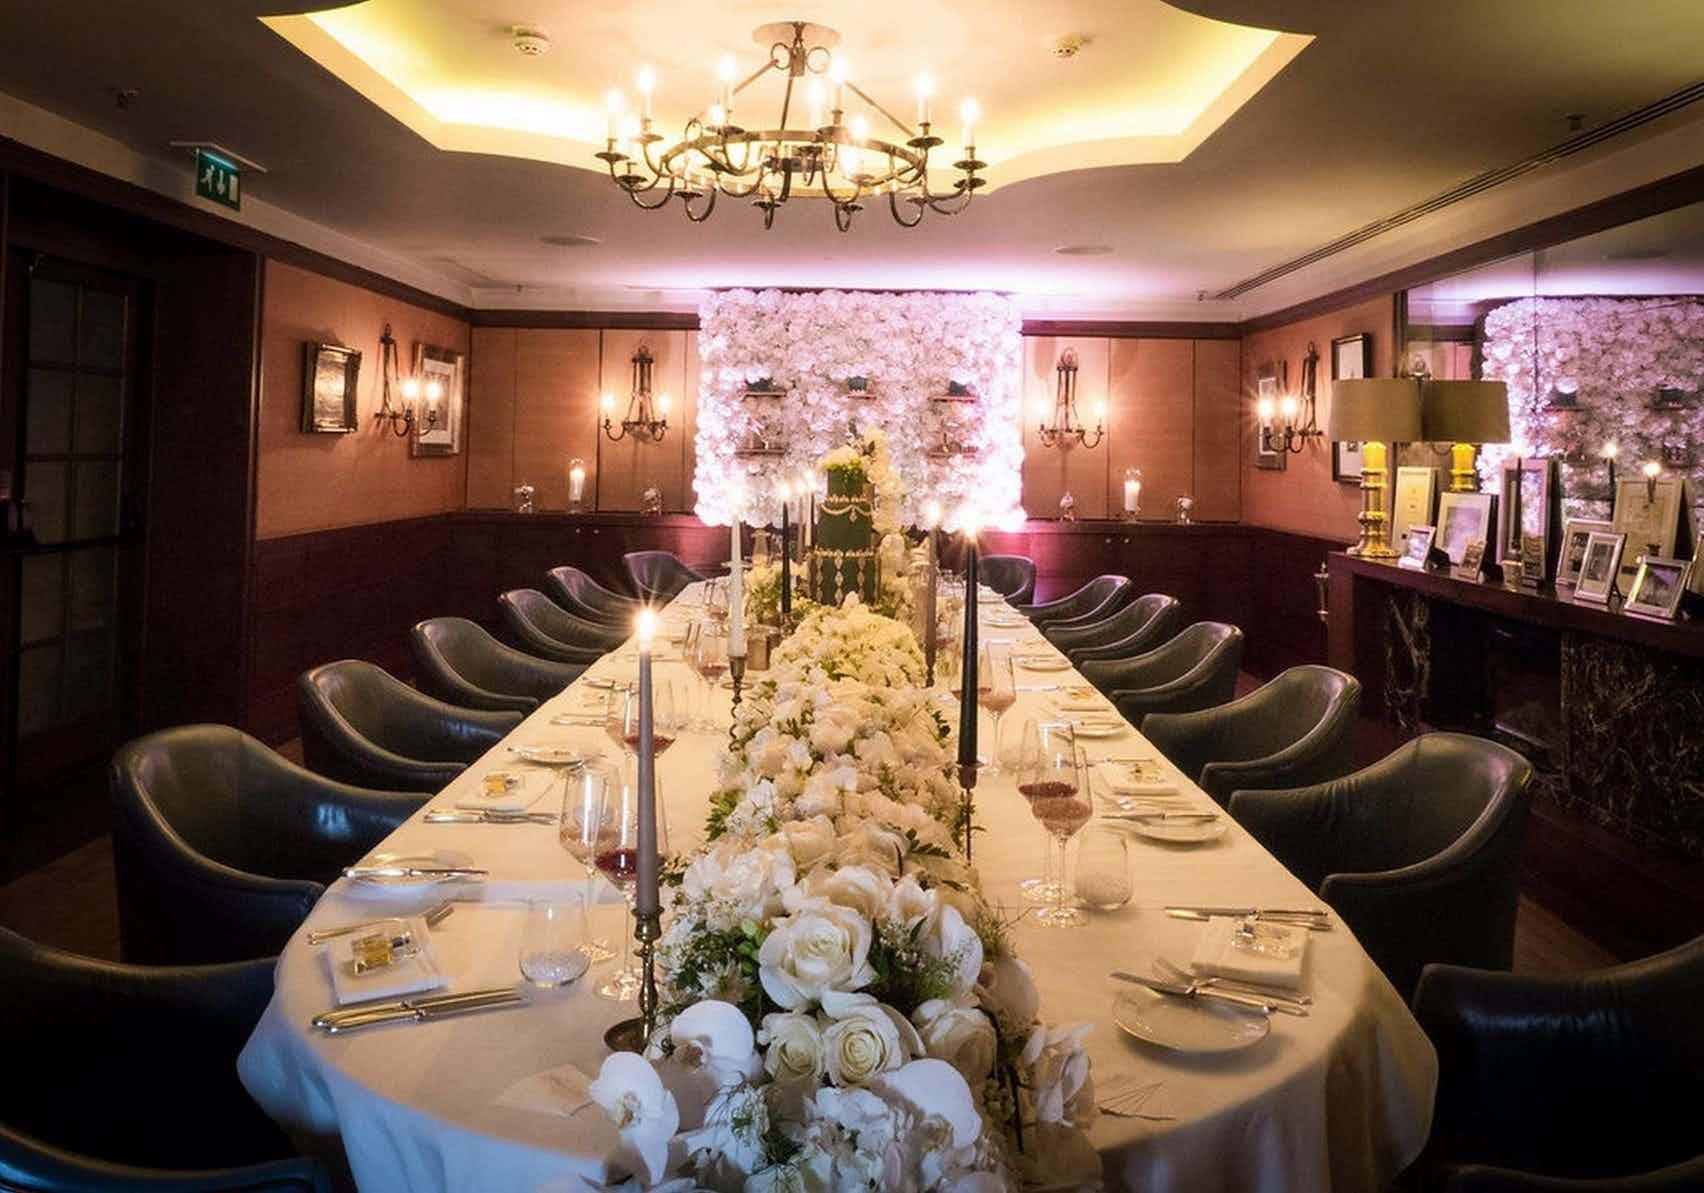 Lindsay Room, Corrigan's Mayfair